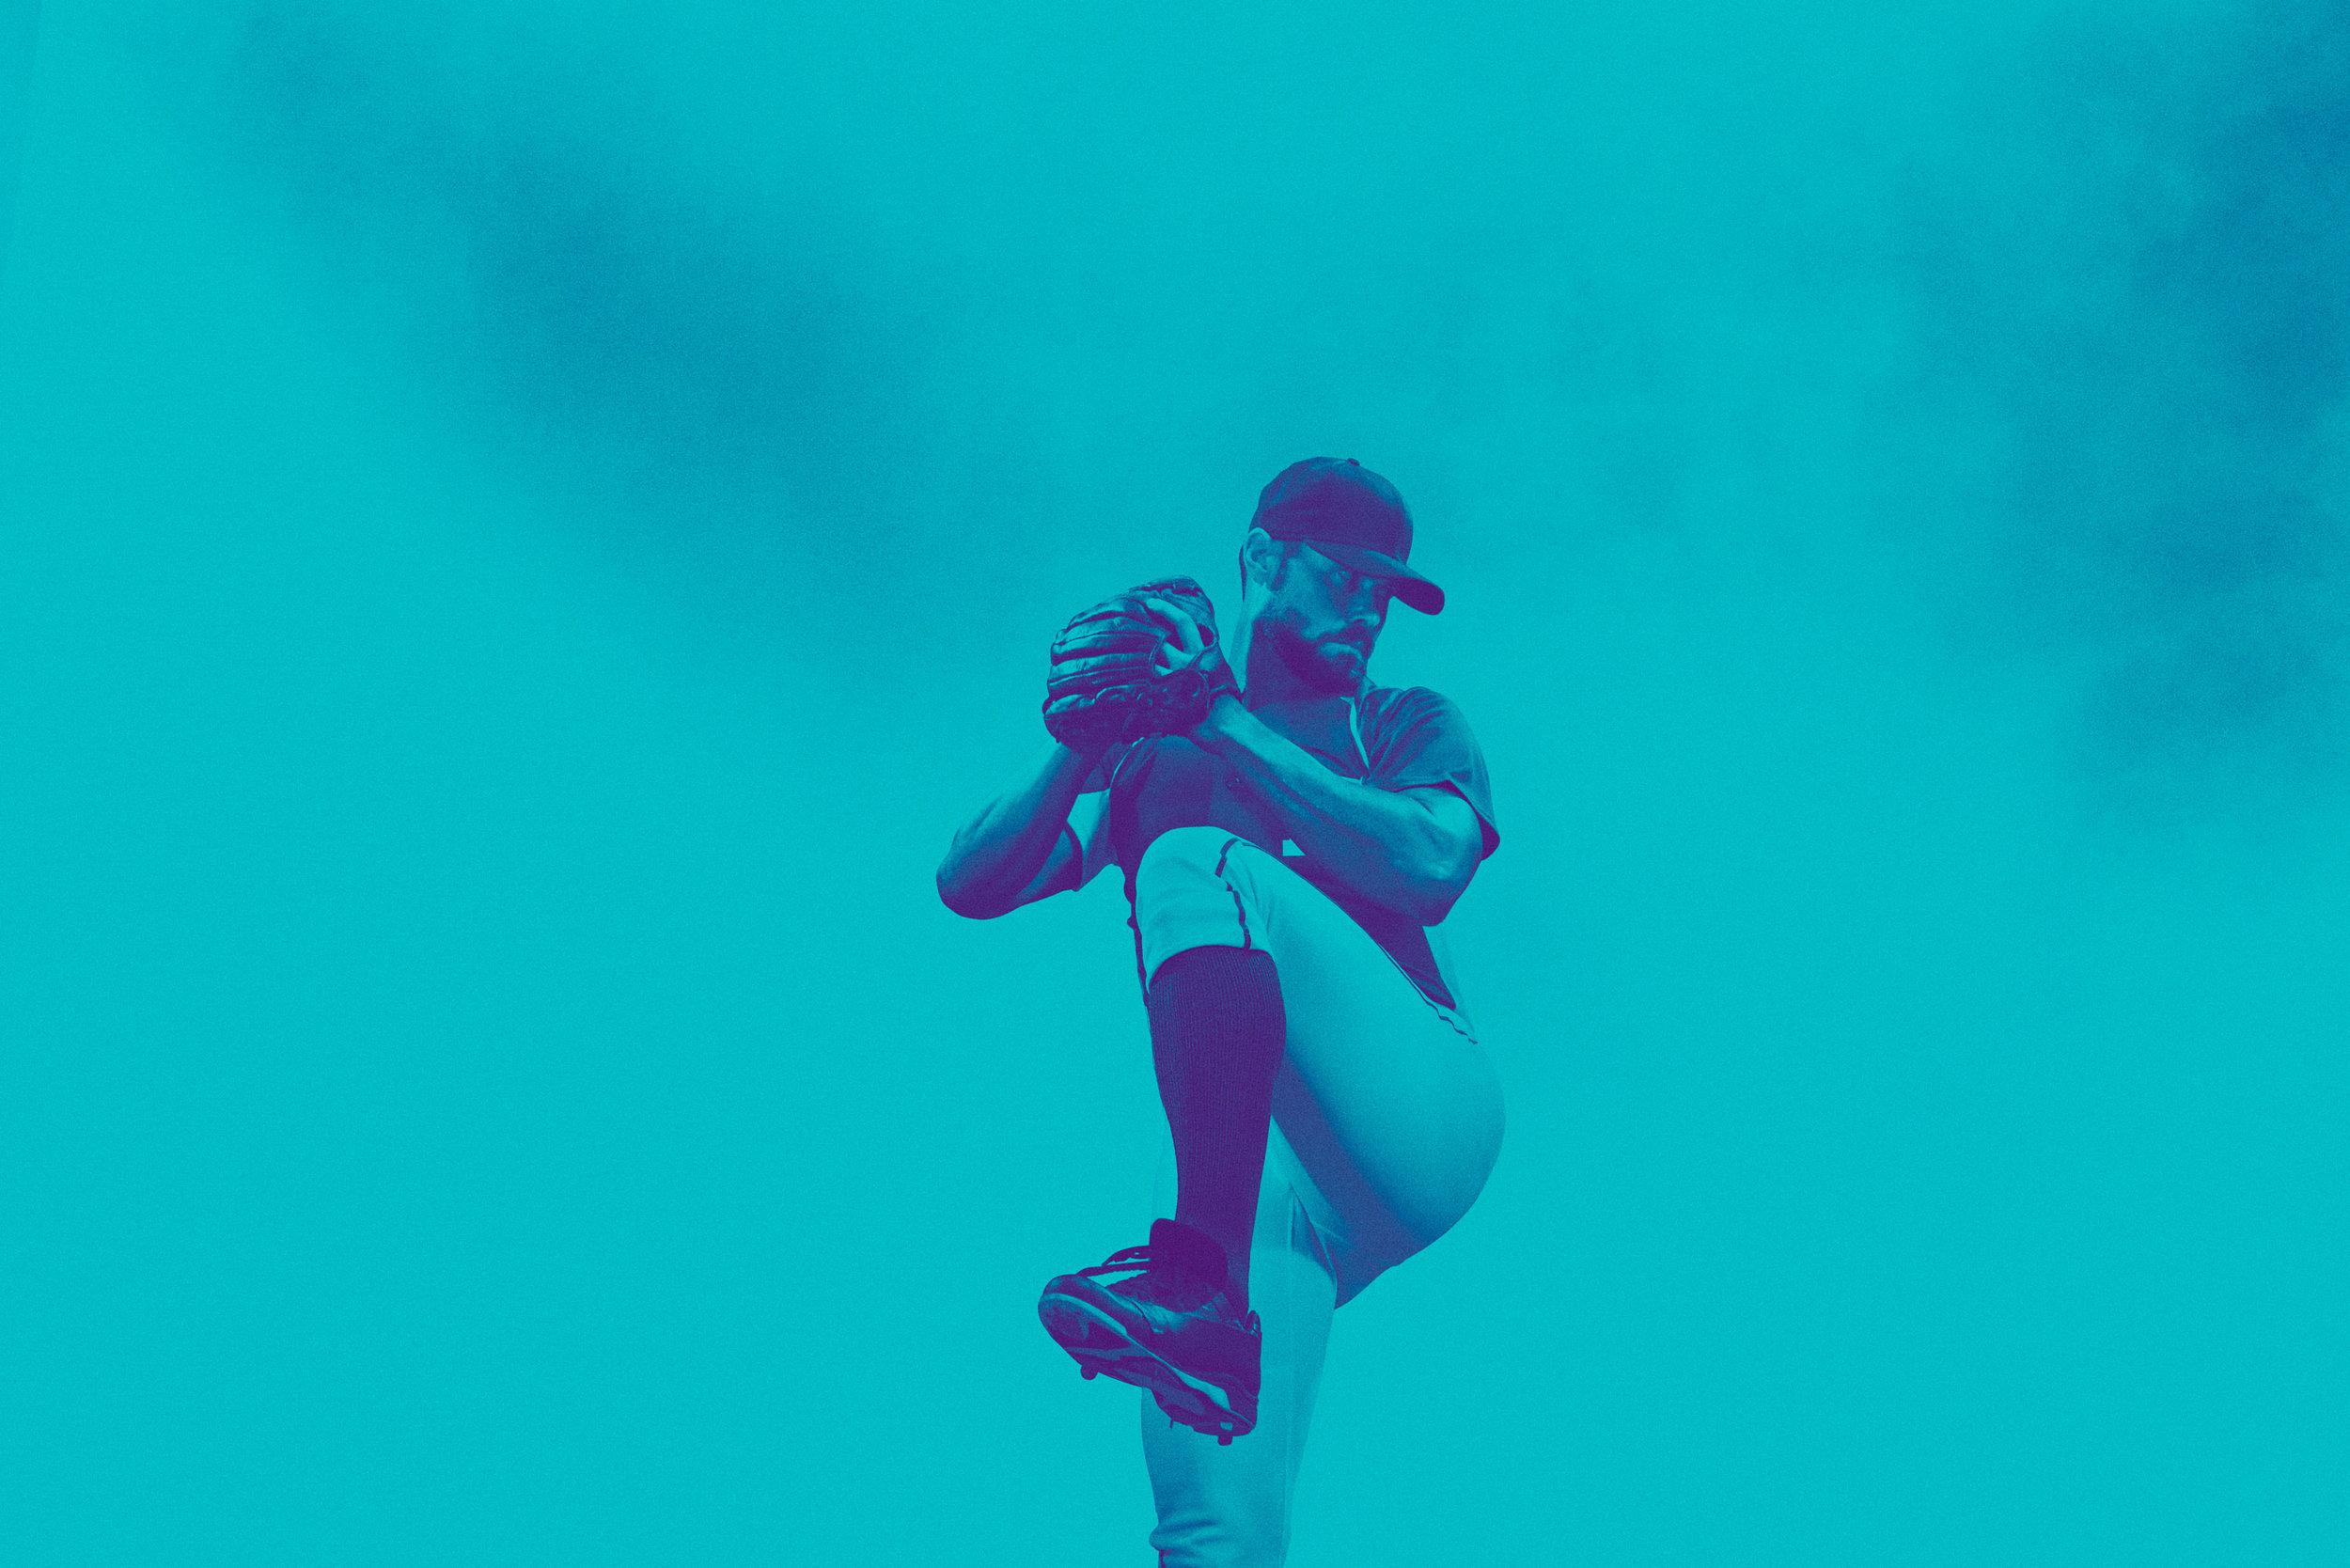 Baseball_Pitcher_Andrew_Rush_2195_E2.jpg